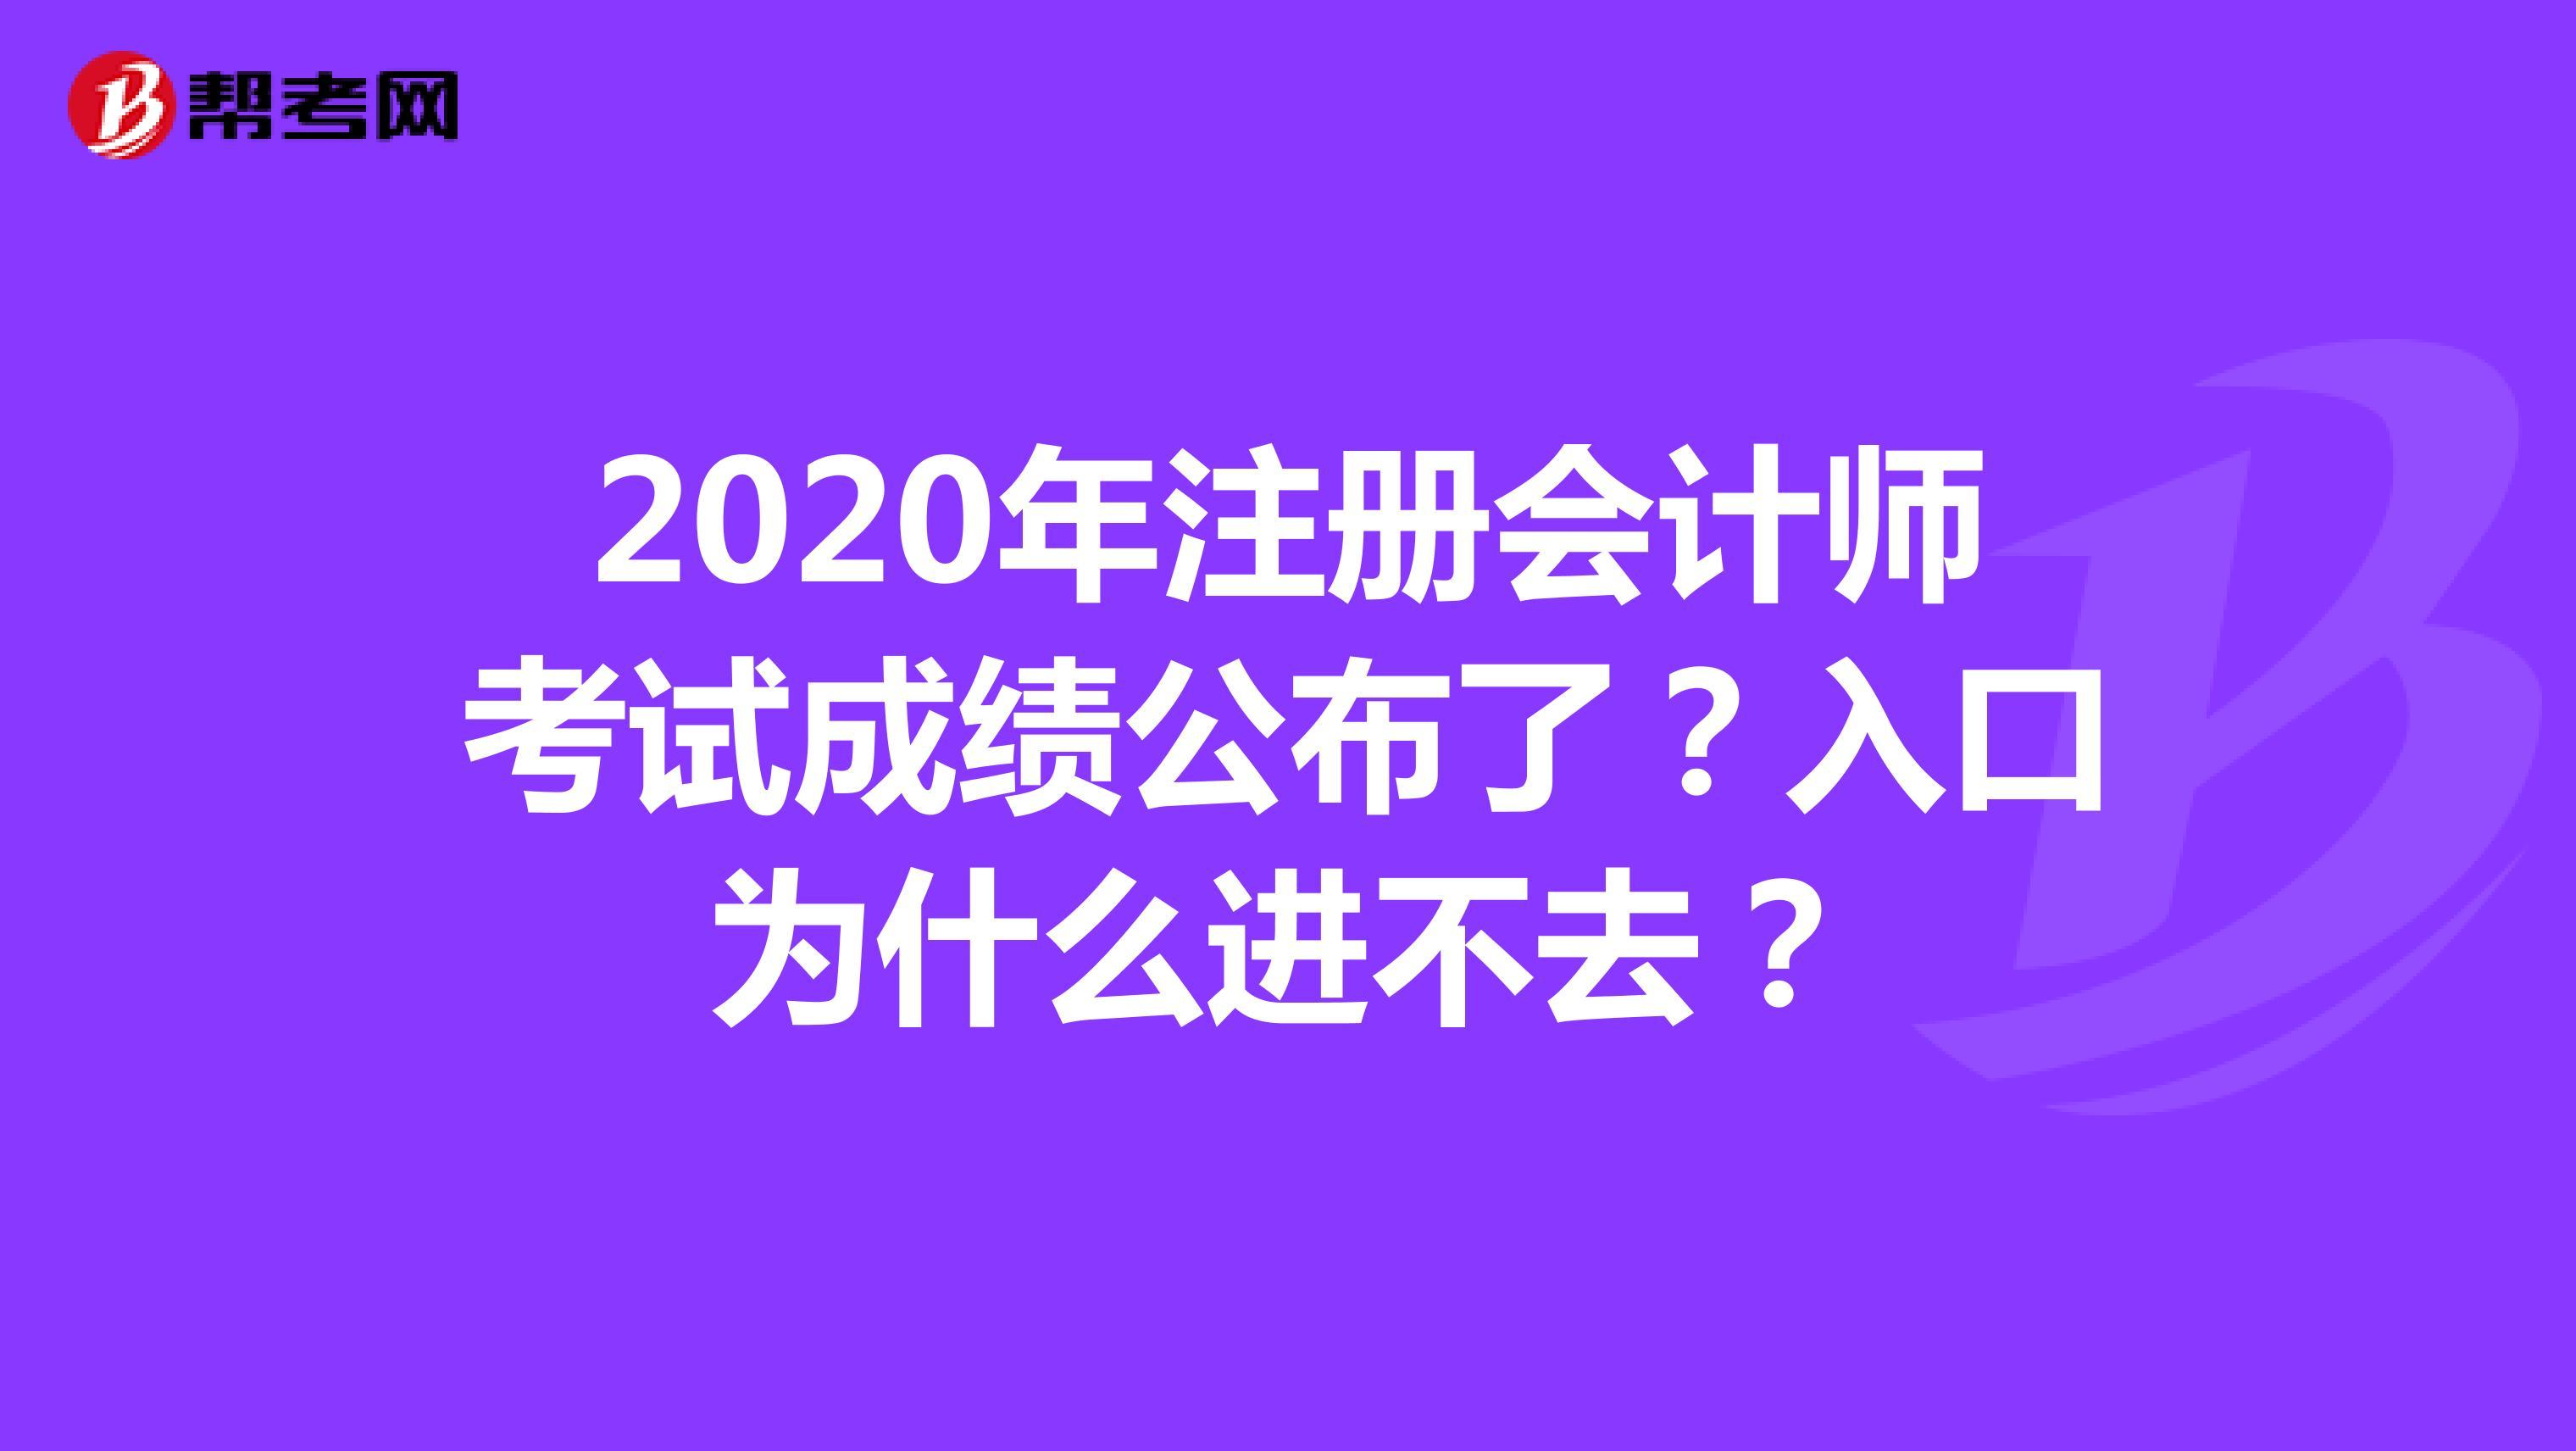 2020年【hot88热竞技提款】注册会计师考试成绩公布了?入口为什么进不去?